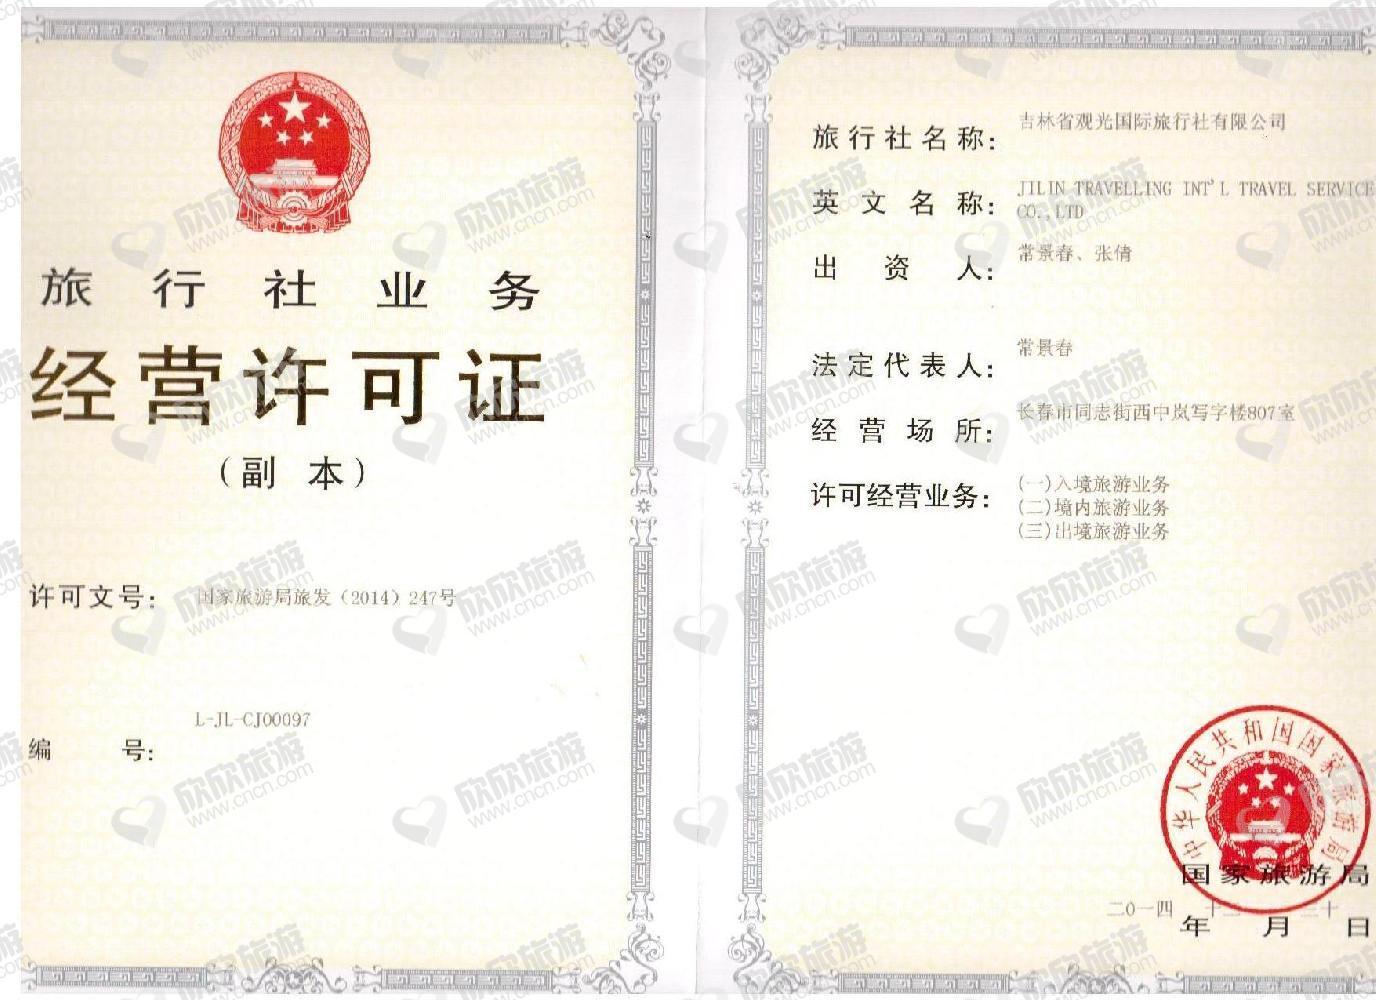 吉林省观光国际旅行社有限公司经营许可证